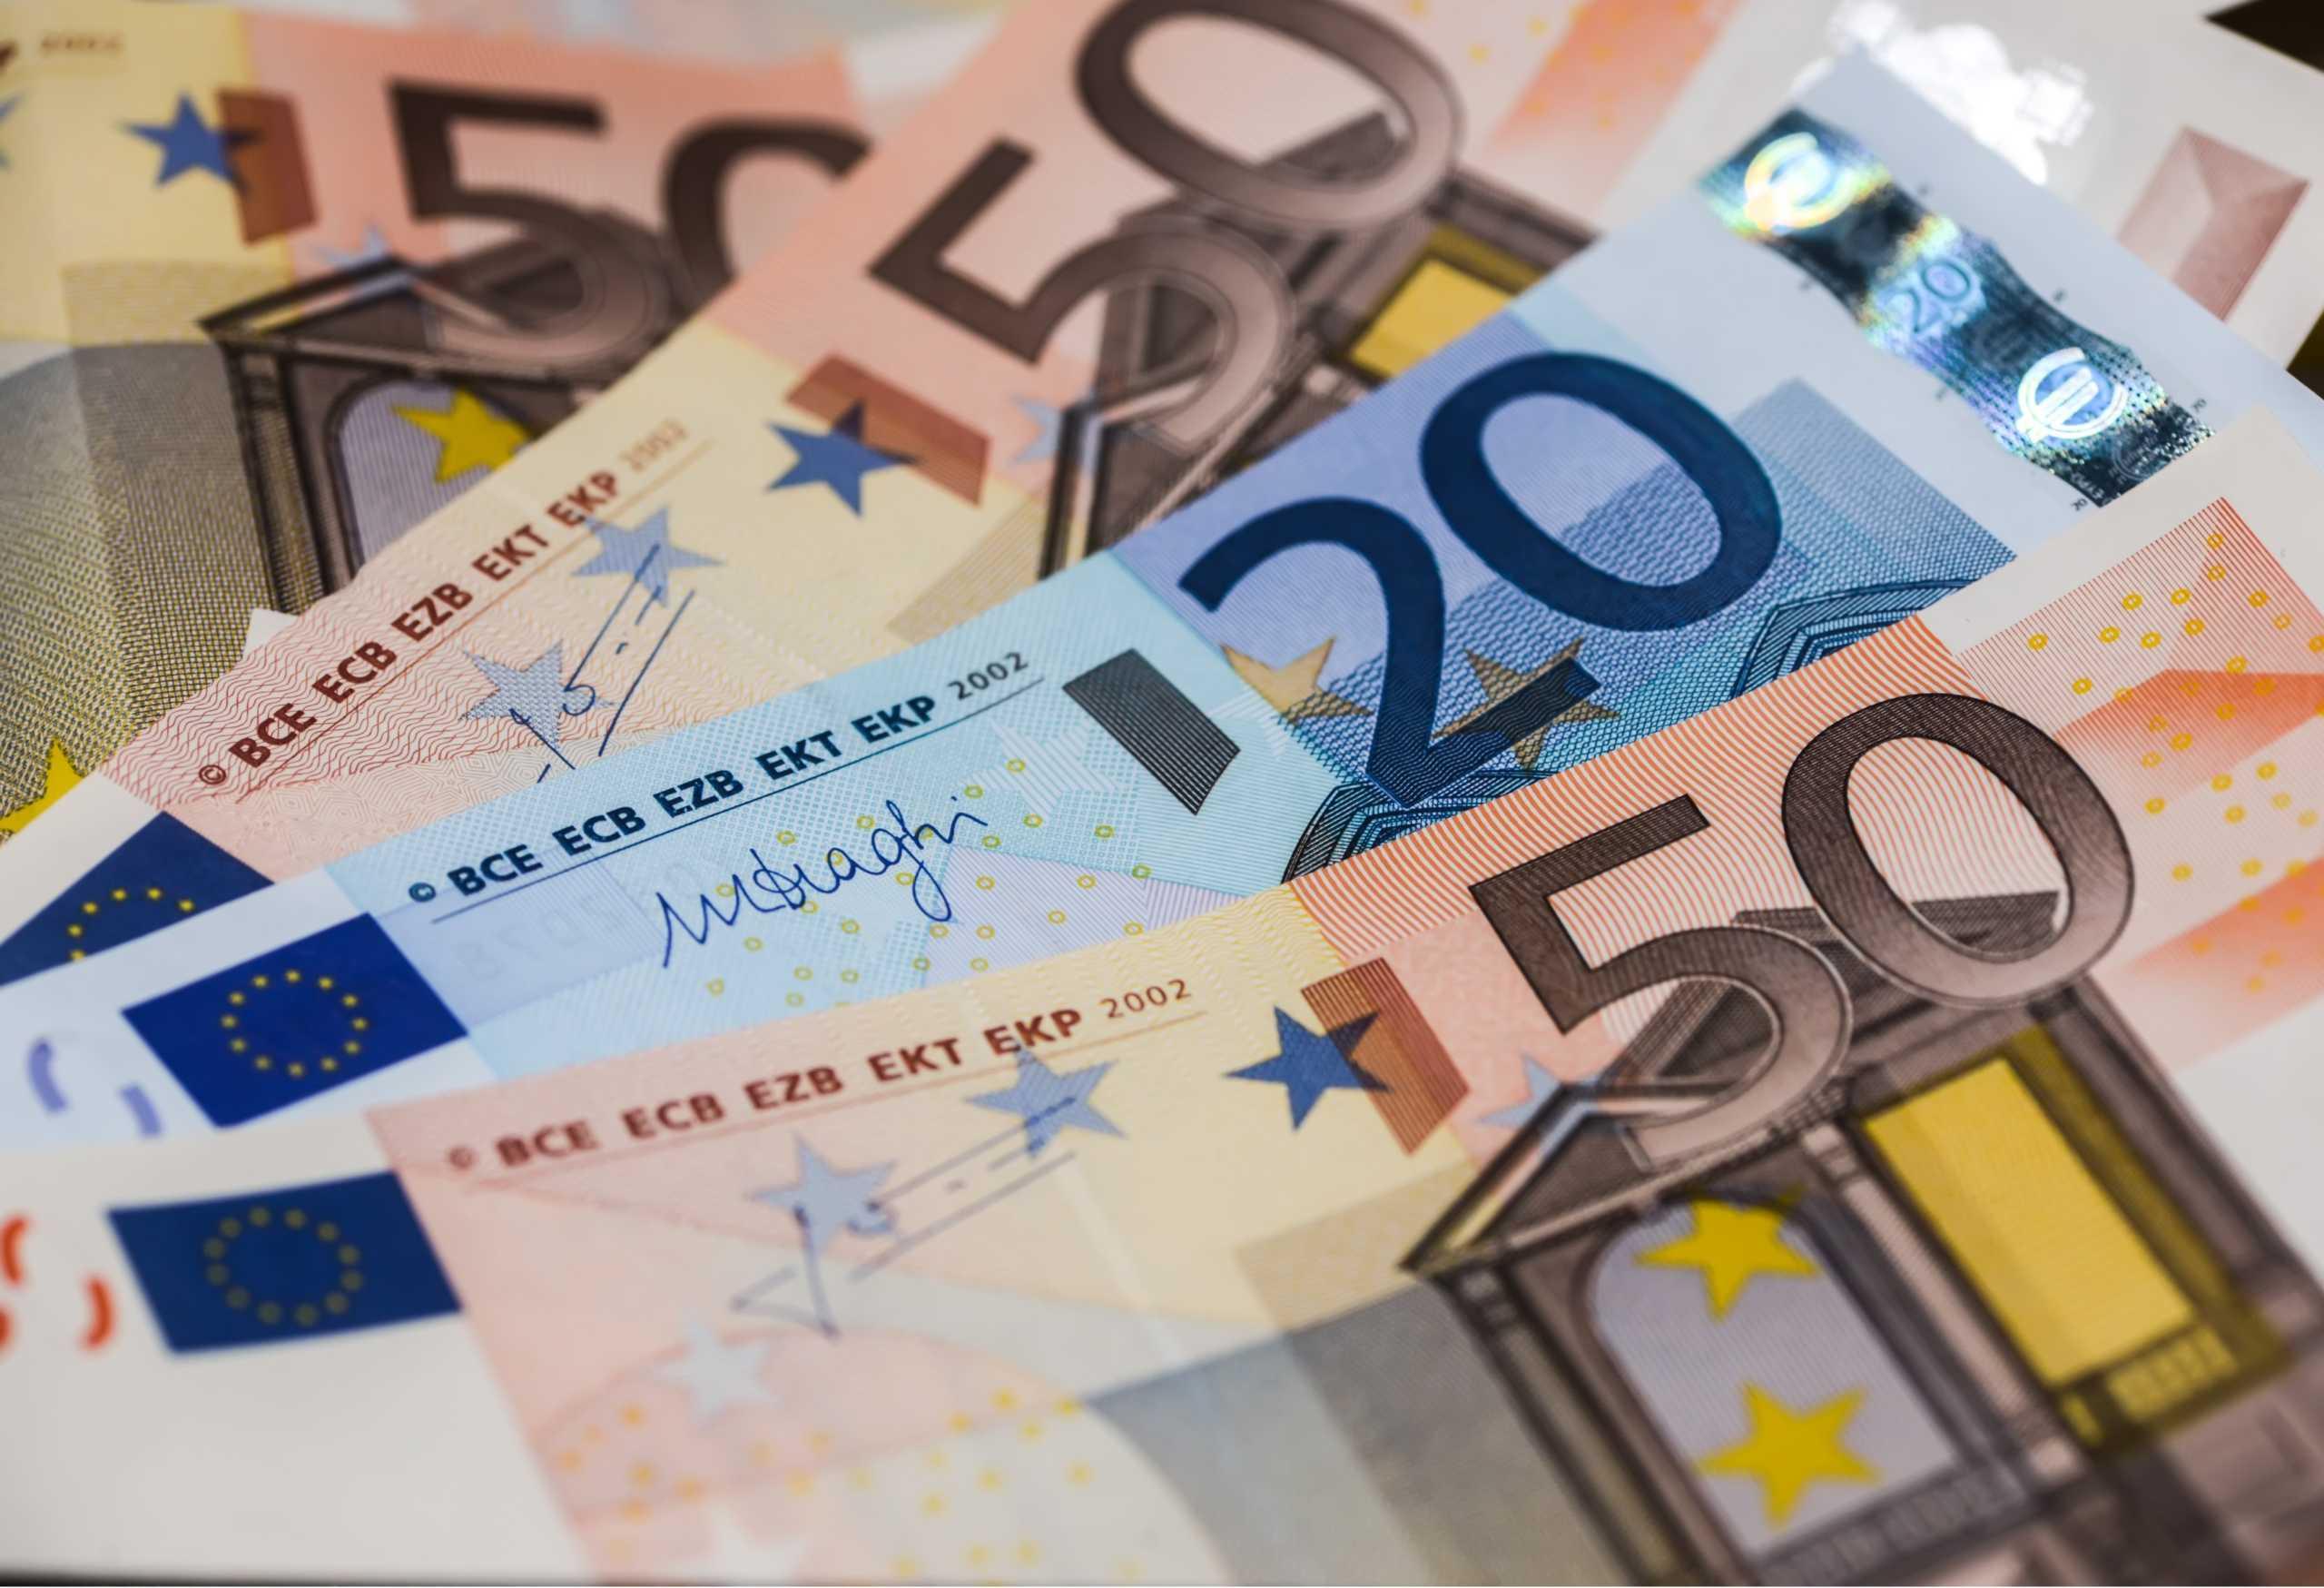 Κορονοϊός: Ραγδαία αύξηση εξαγορών και συγχωνεύσεων παγκοσμίως – Επιβράδυνση στην Ελλάδα